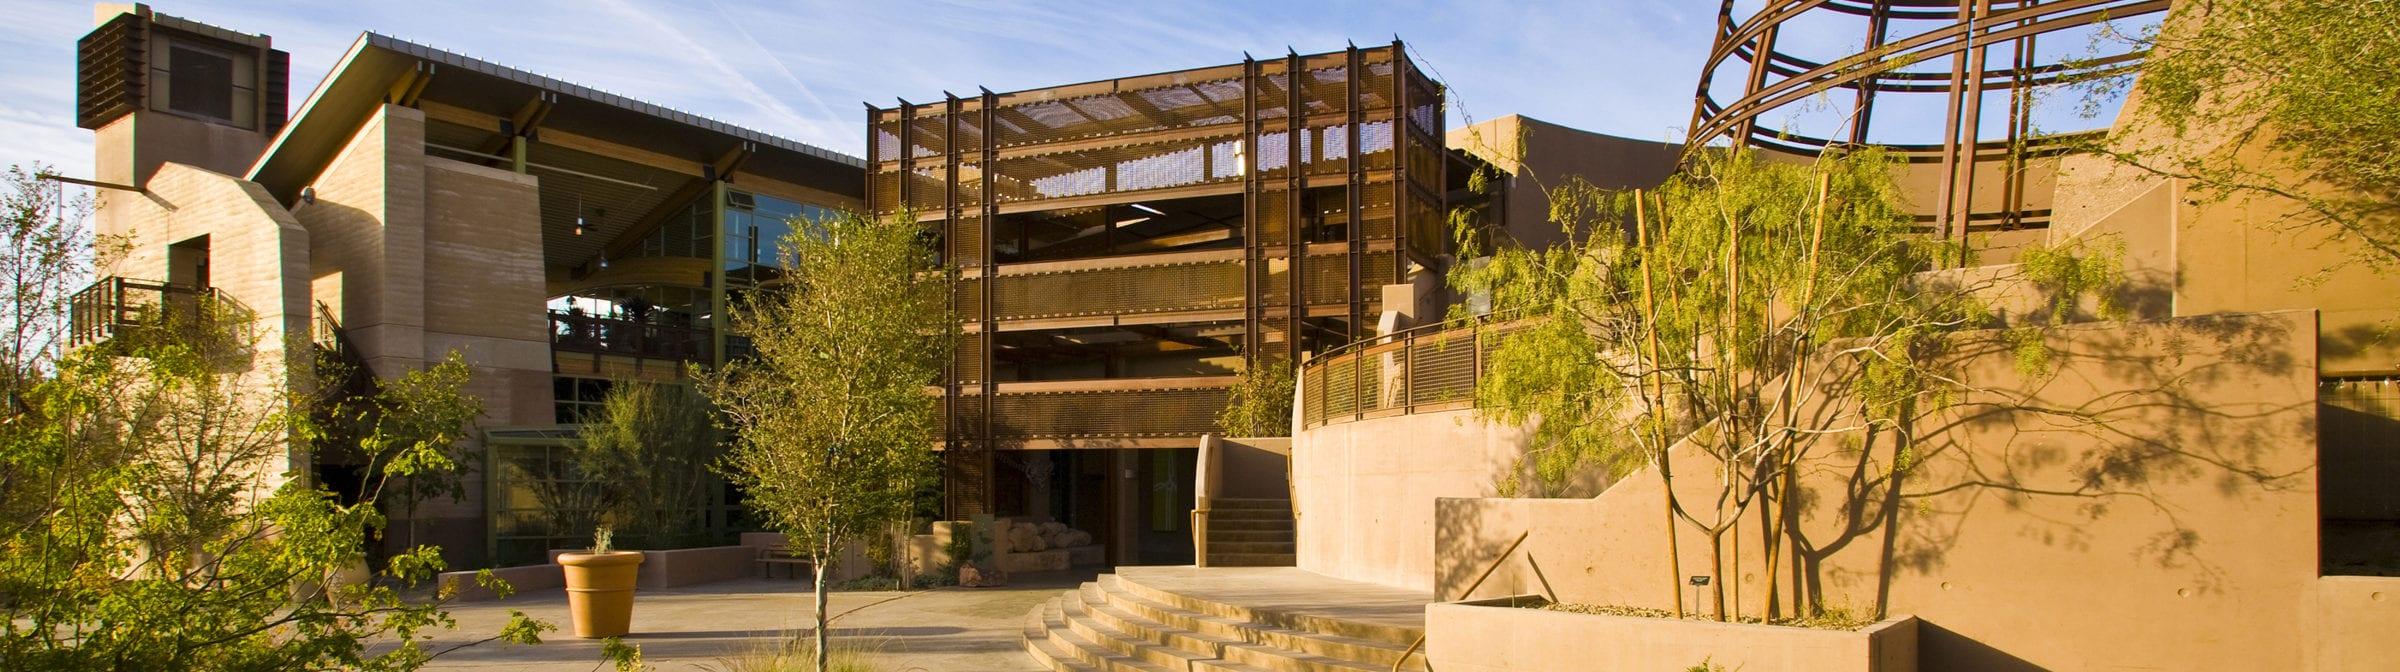 LGA Architecture designed building